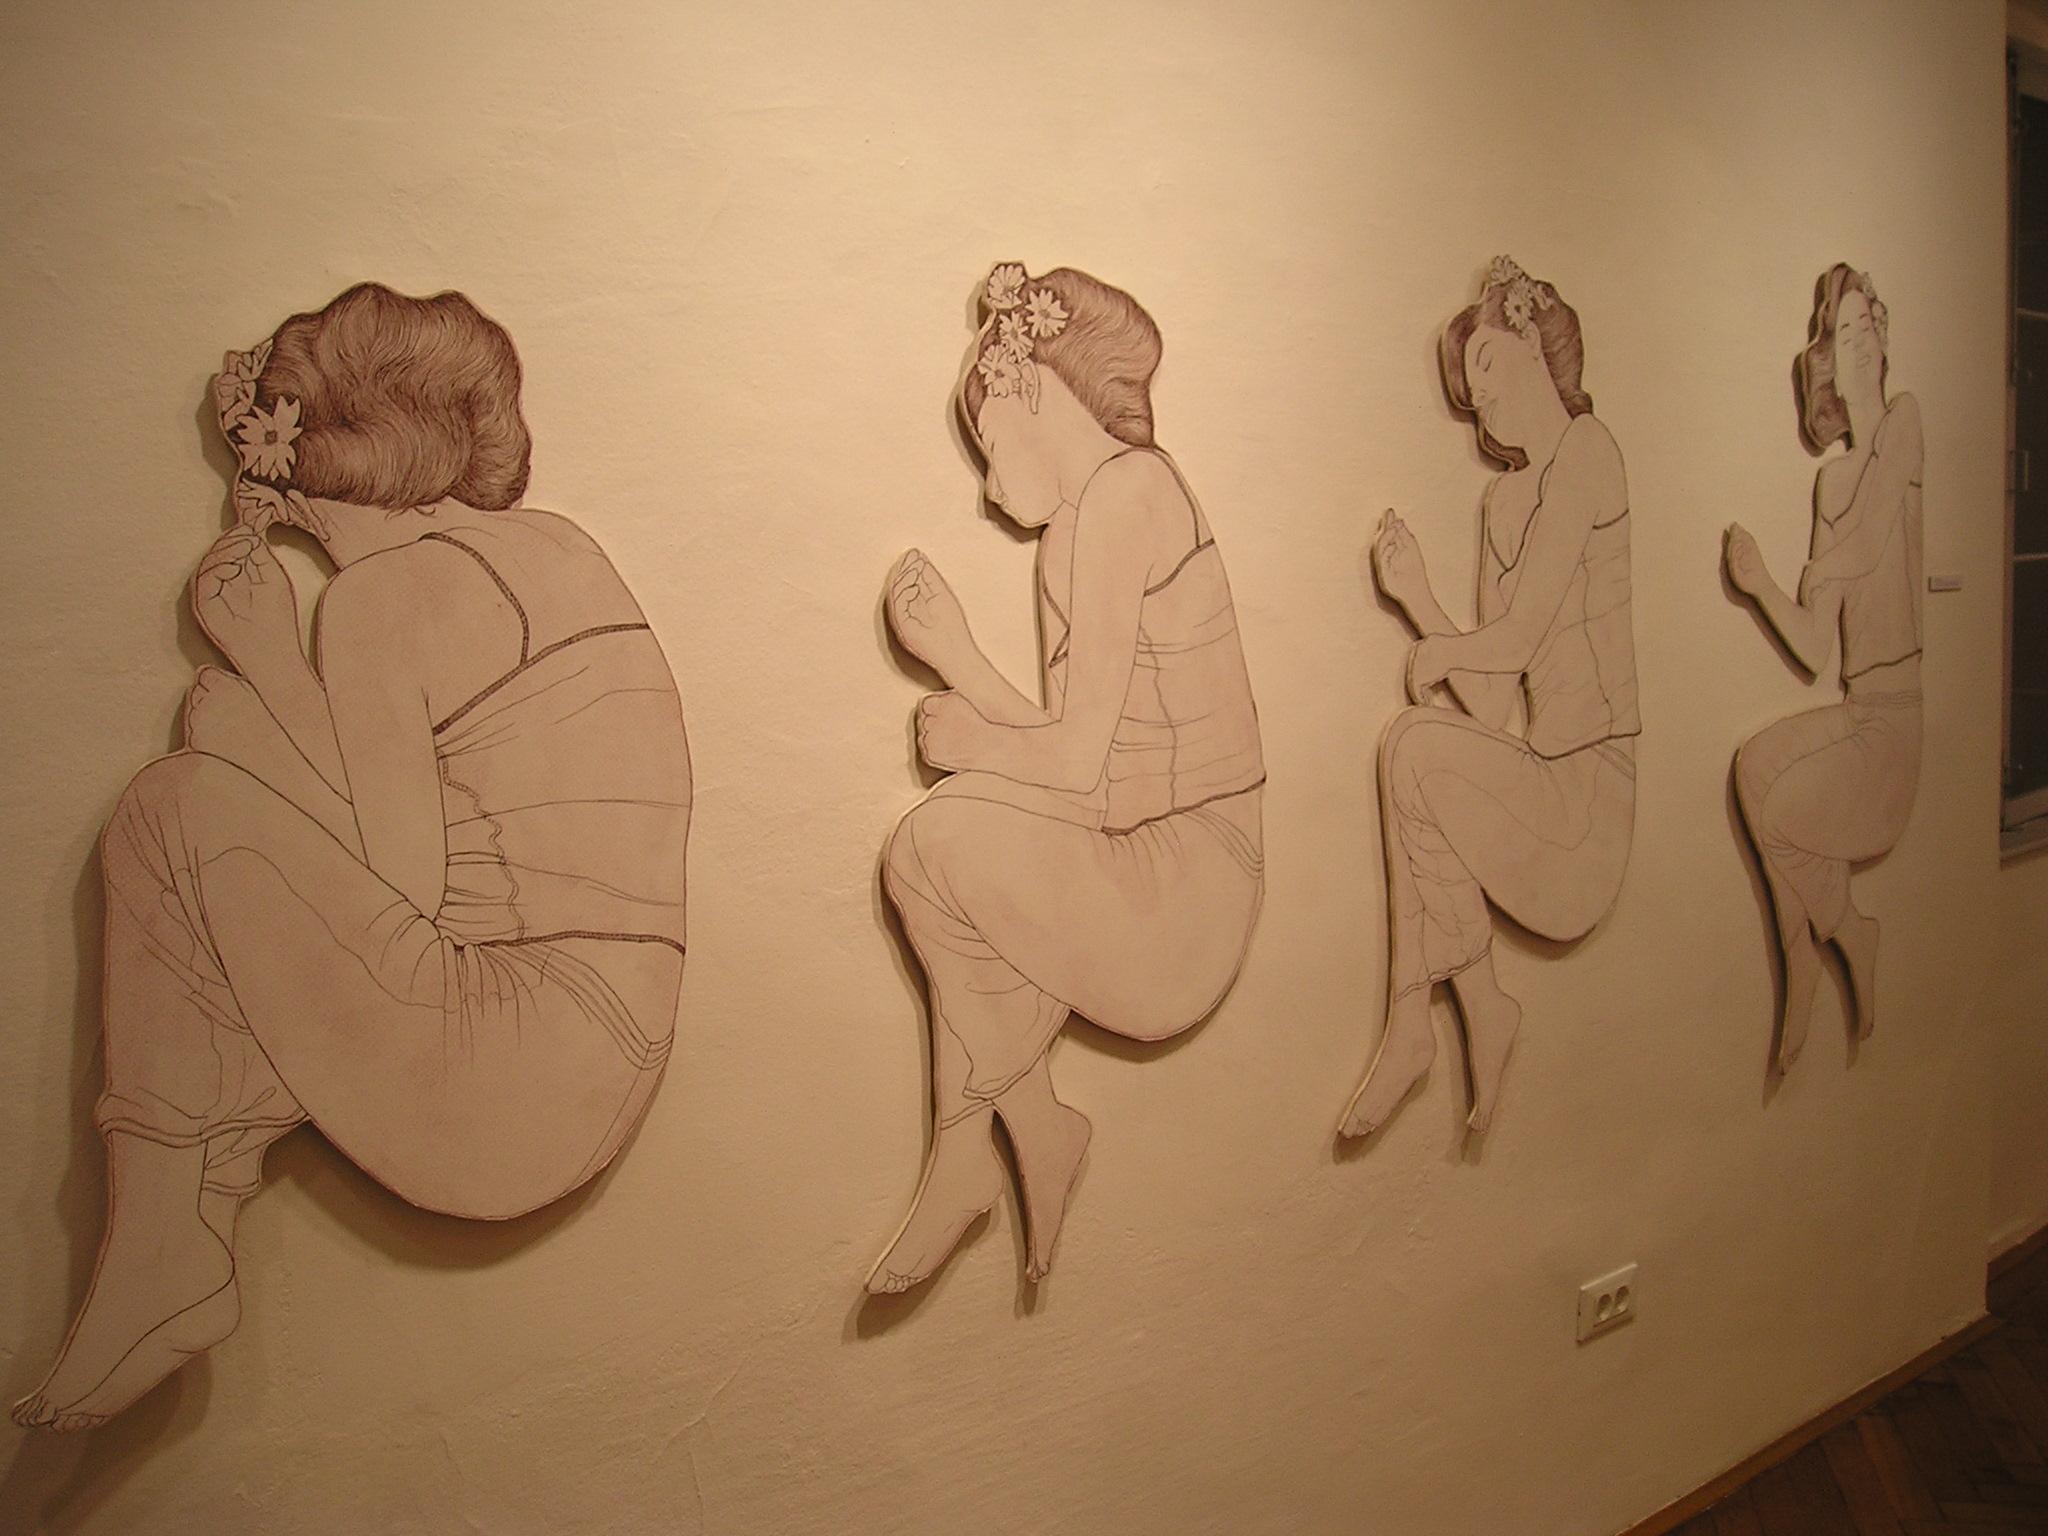 Inaugurata al Museo la mostra della Colonia artistica